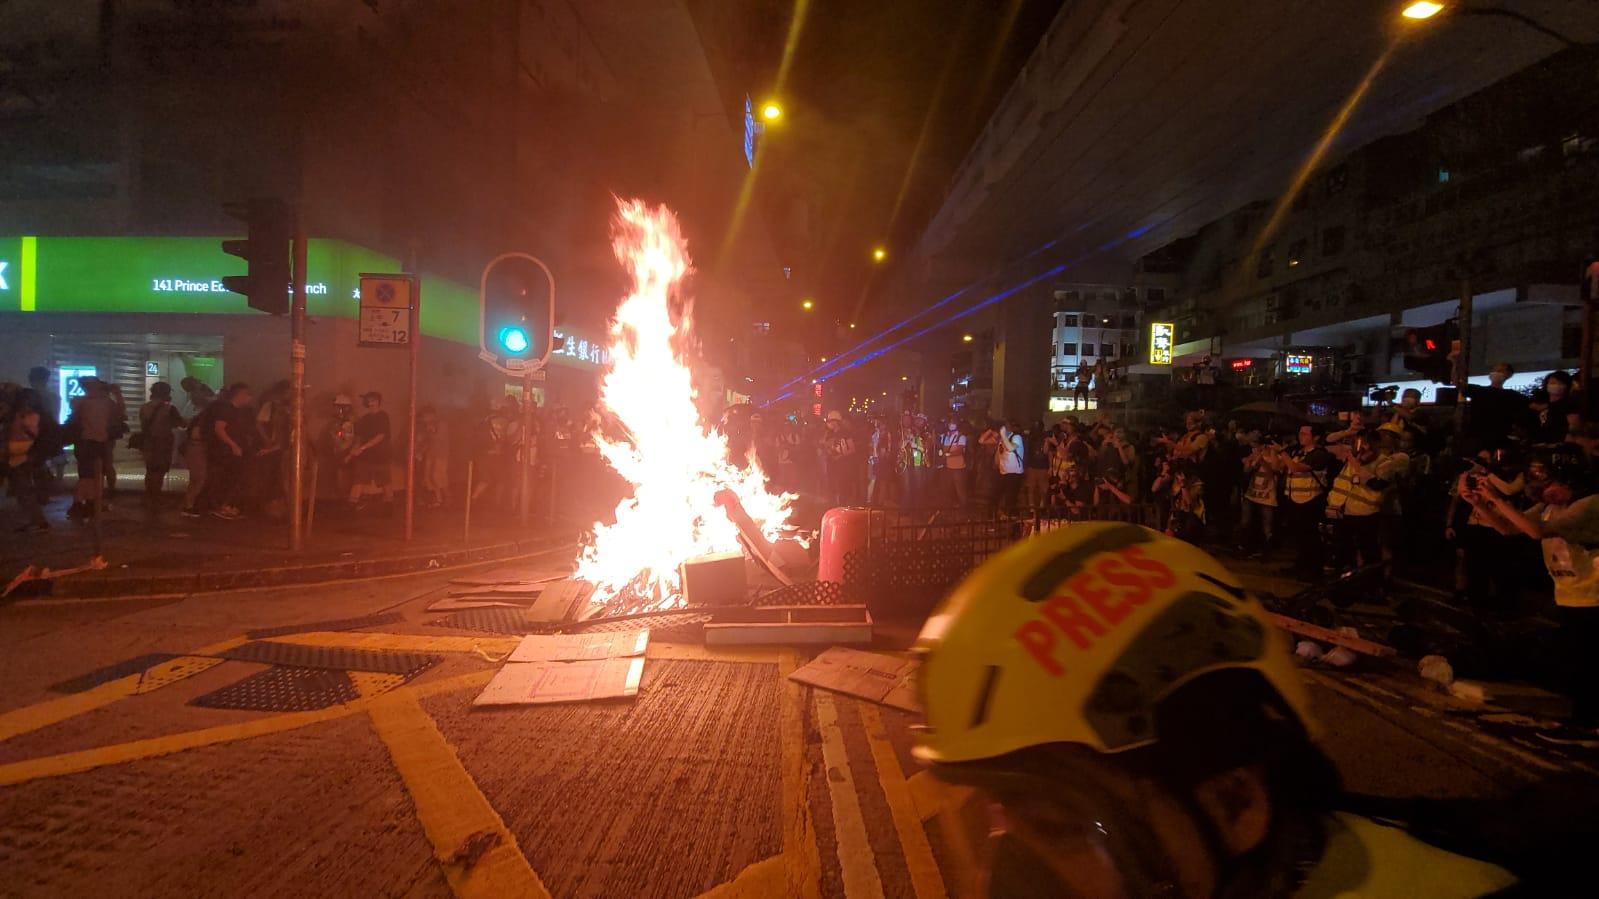 有示威者在旺角警署開焚燒雜物。